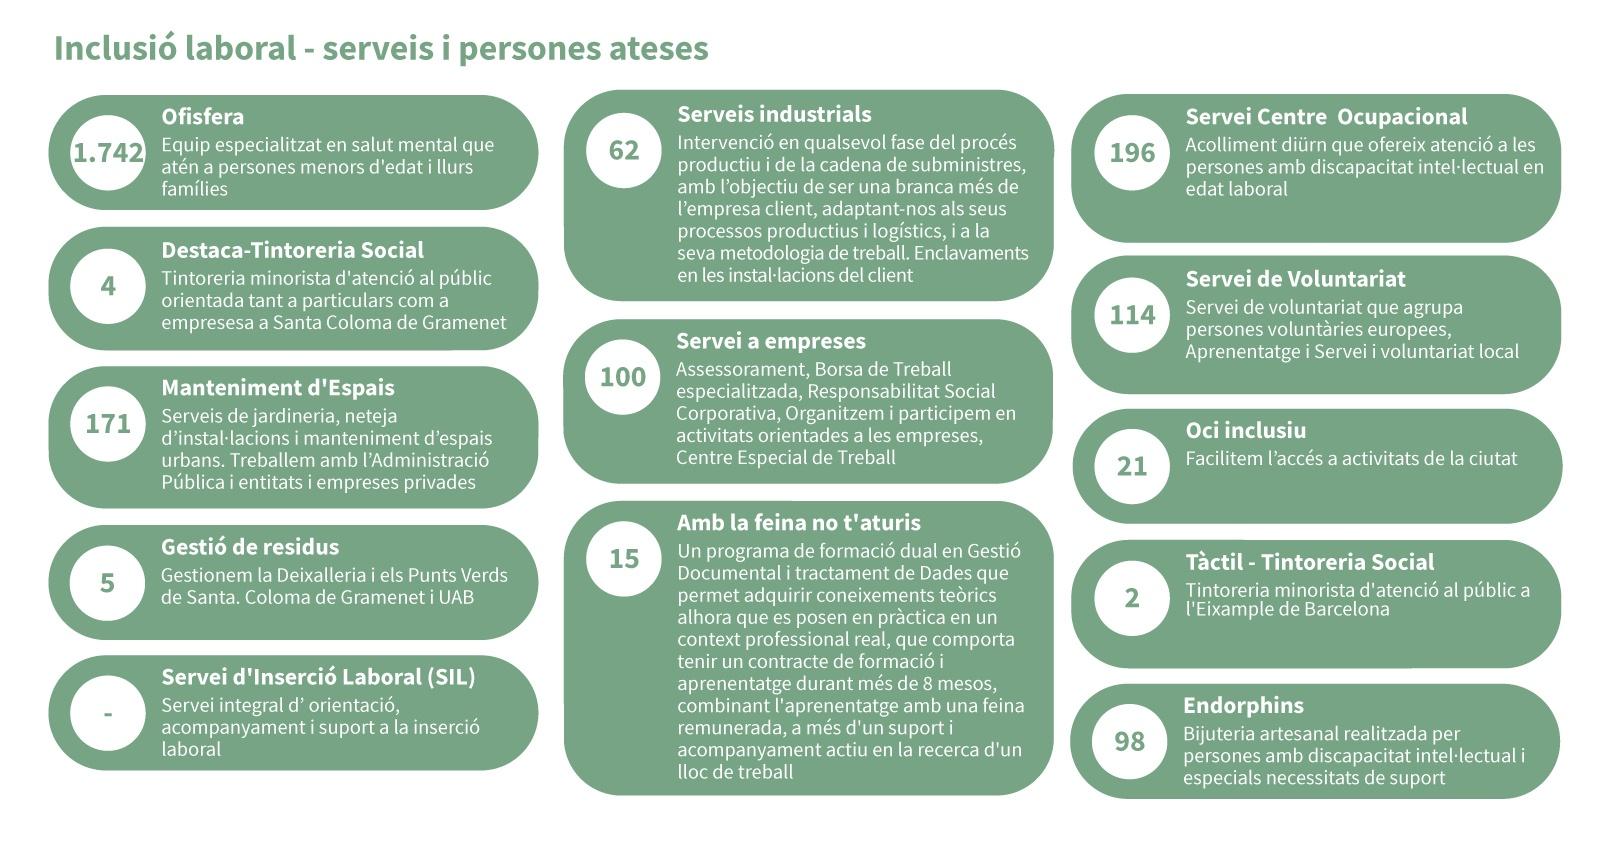 Inclusió laboral - serveis i persones ateses